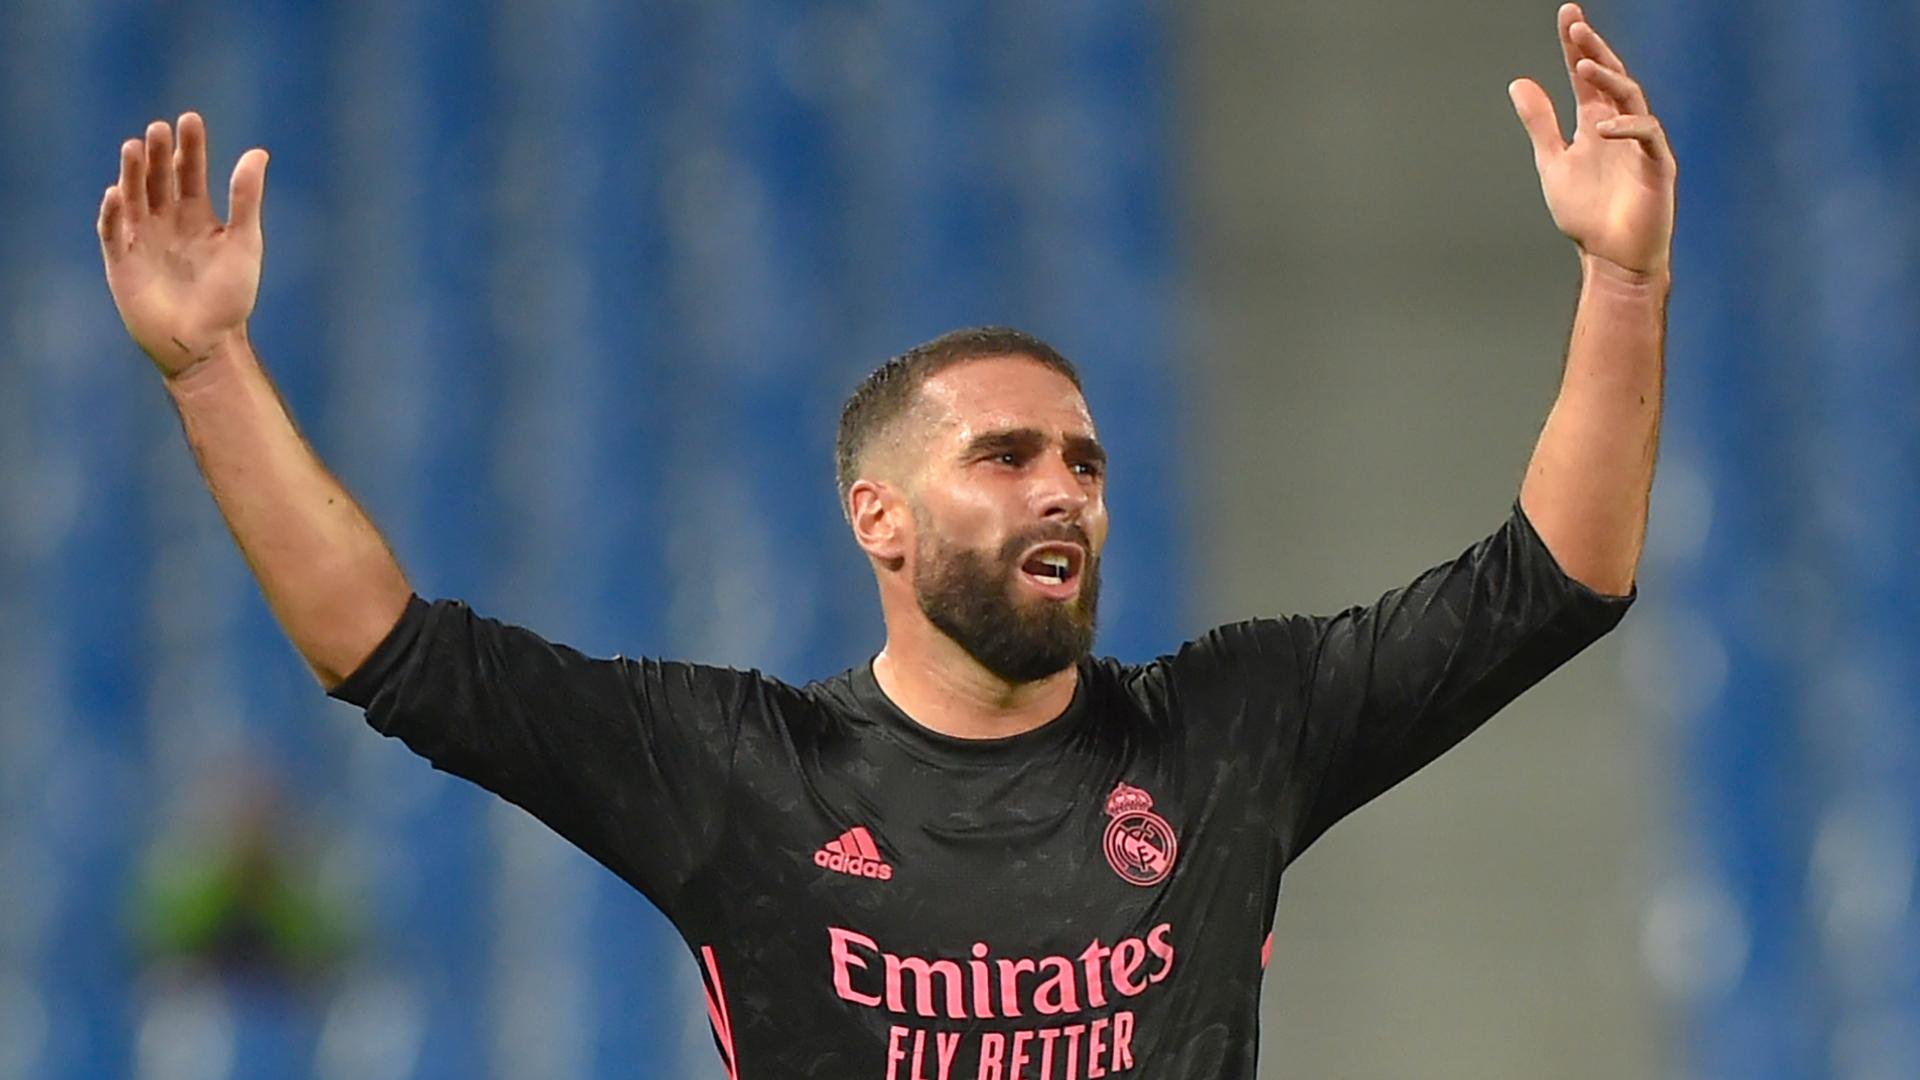 Real Madrid in emergenza: infortunio per Carvajal, Atalanta a rischio